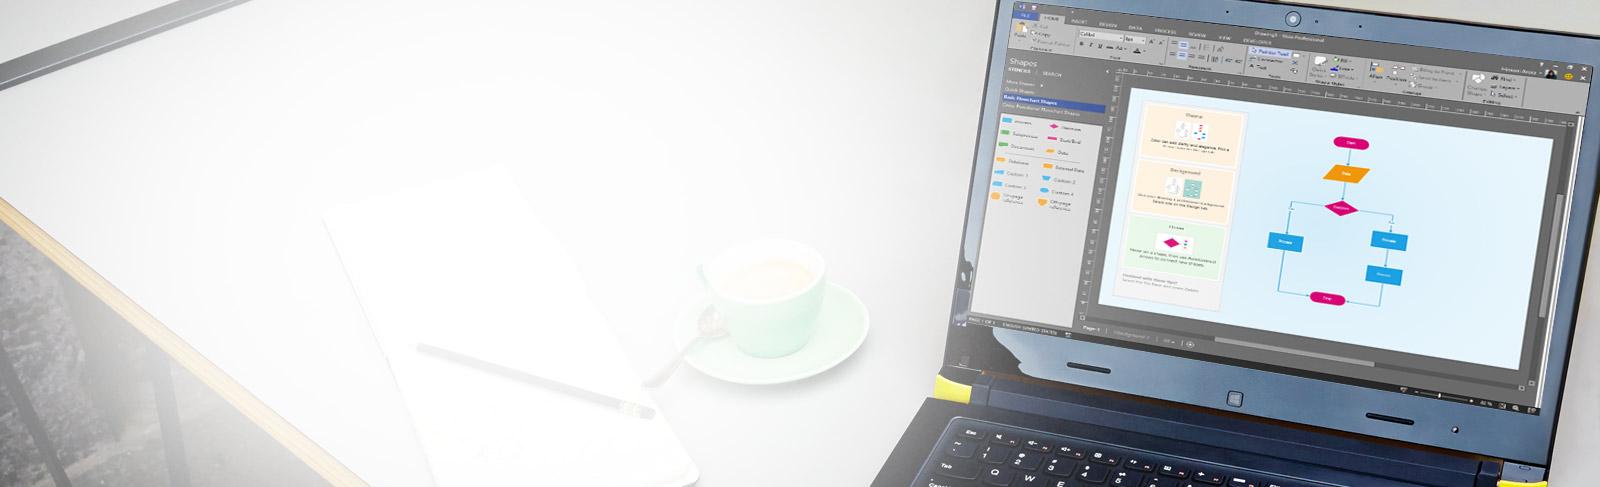 Imagem aproximada de um laptop sobre uma mesa, mostrando um diagrama do Visio com faixa de opções e painel de edição.